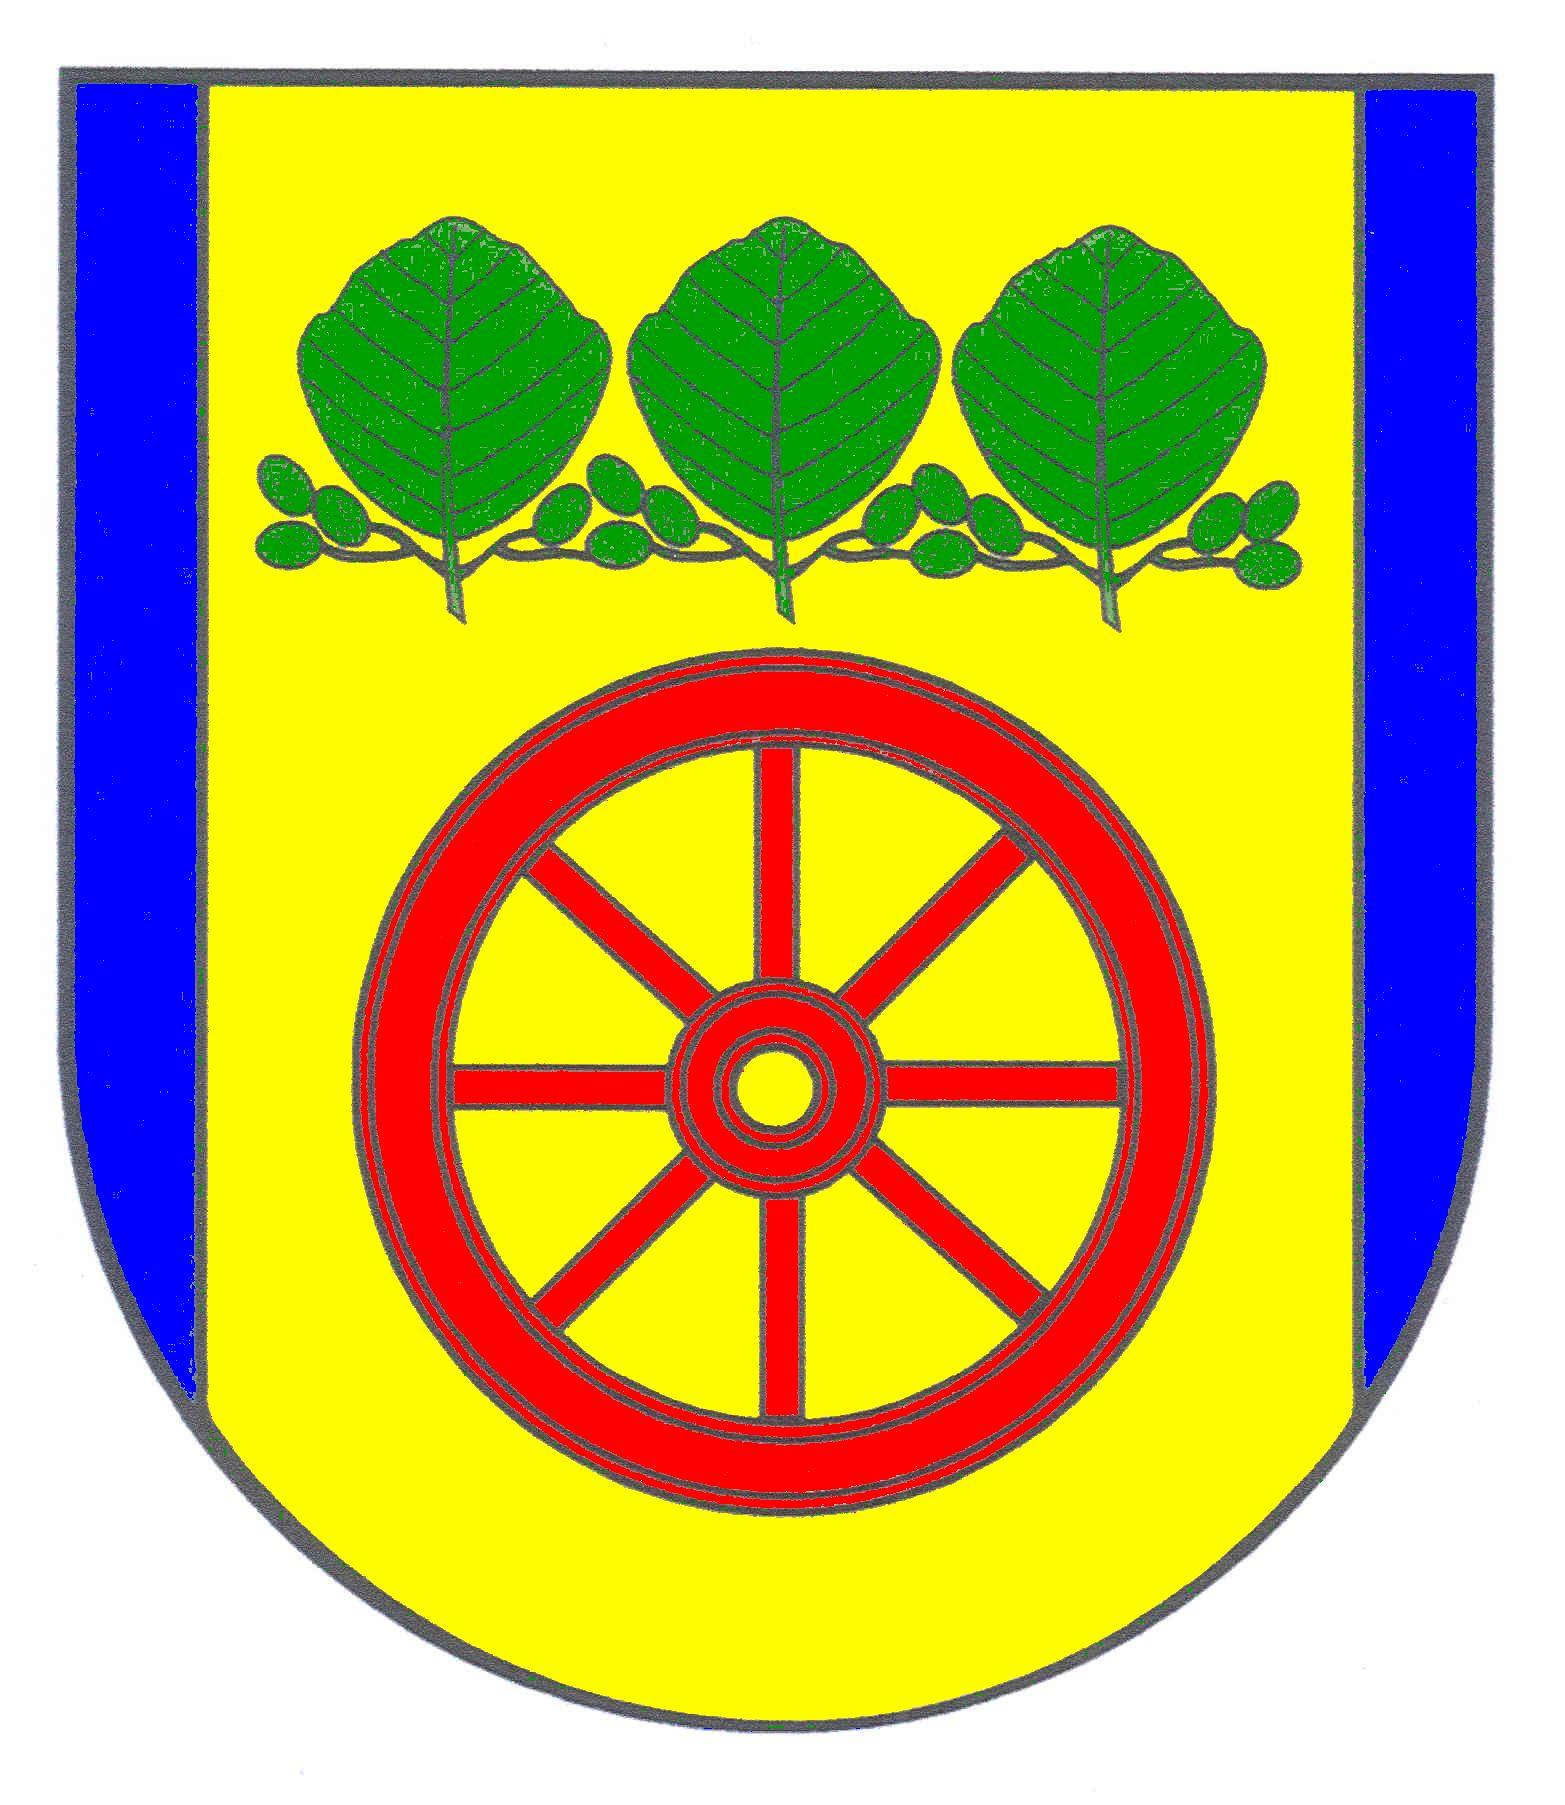 Wappen GemeindeBarmissen, Kreis Plön